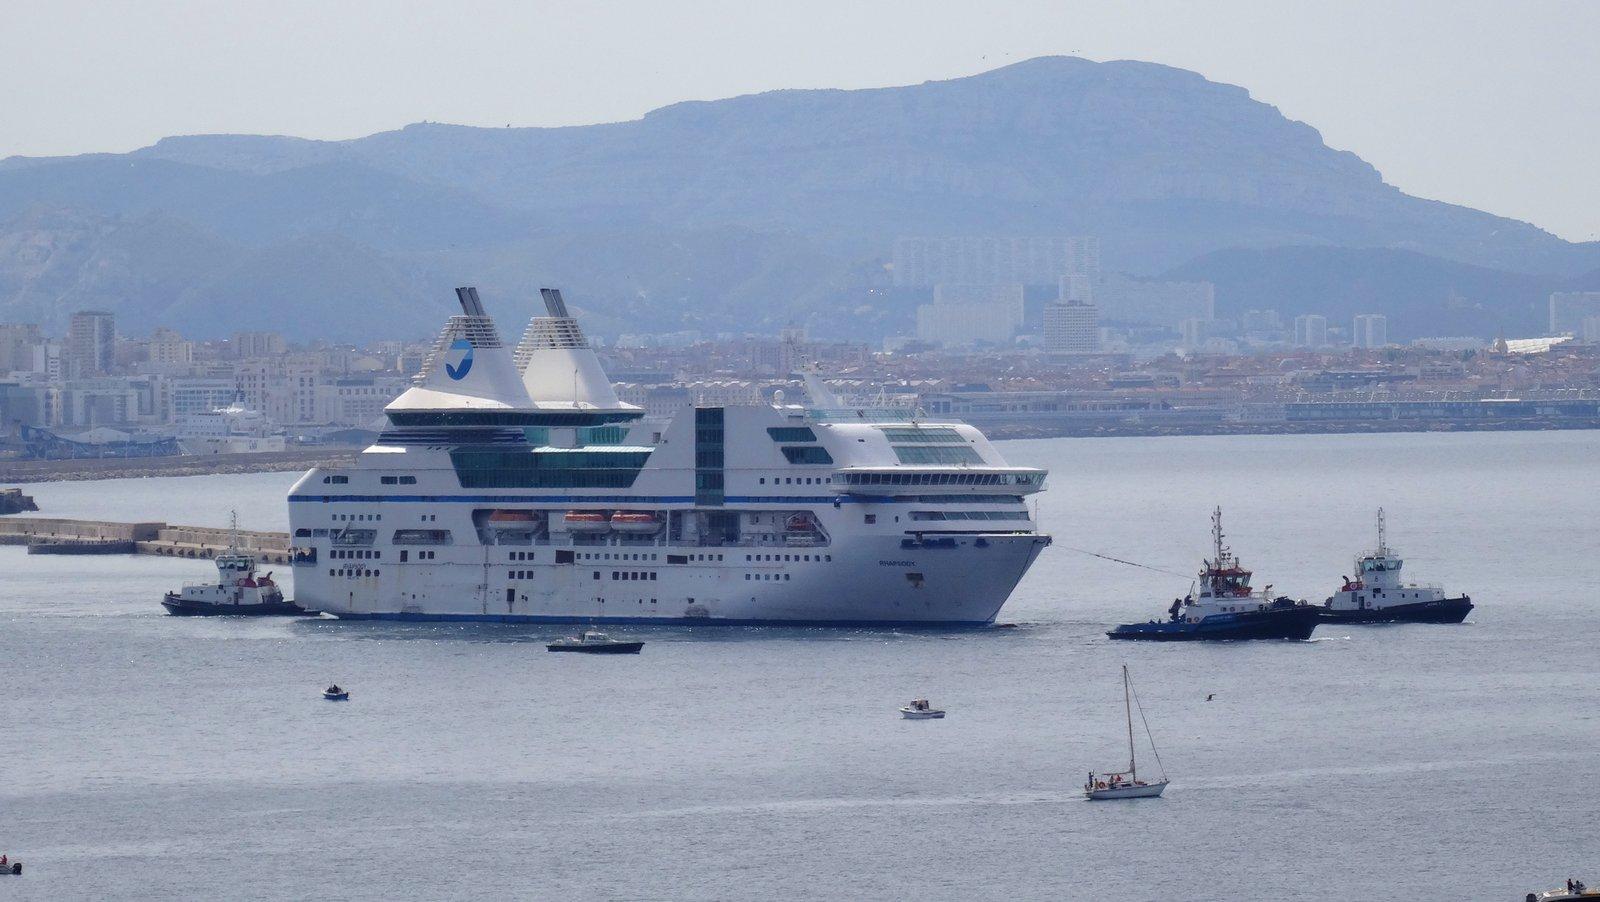 Le départ, à la remorque, du Rhapsody, du port de Marseille, le 8 mai 2014 ; photo : Jean-Pierre Fabre.